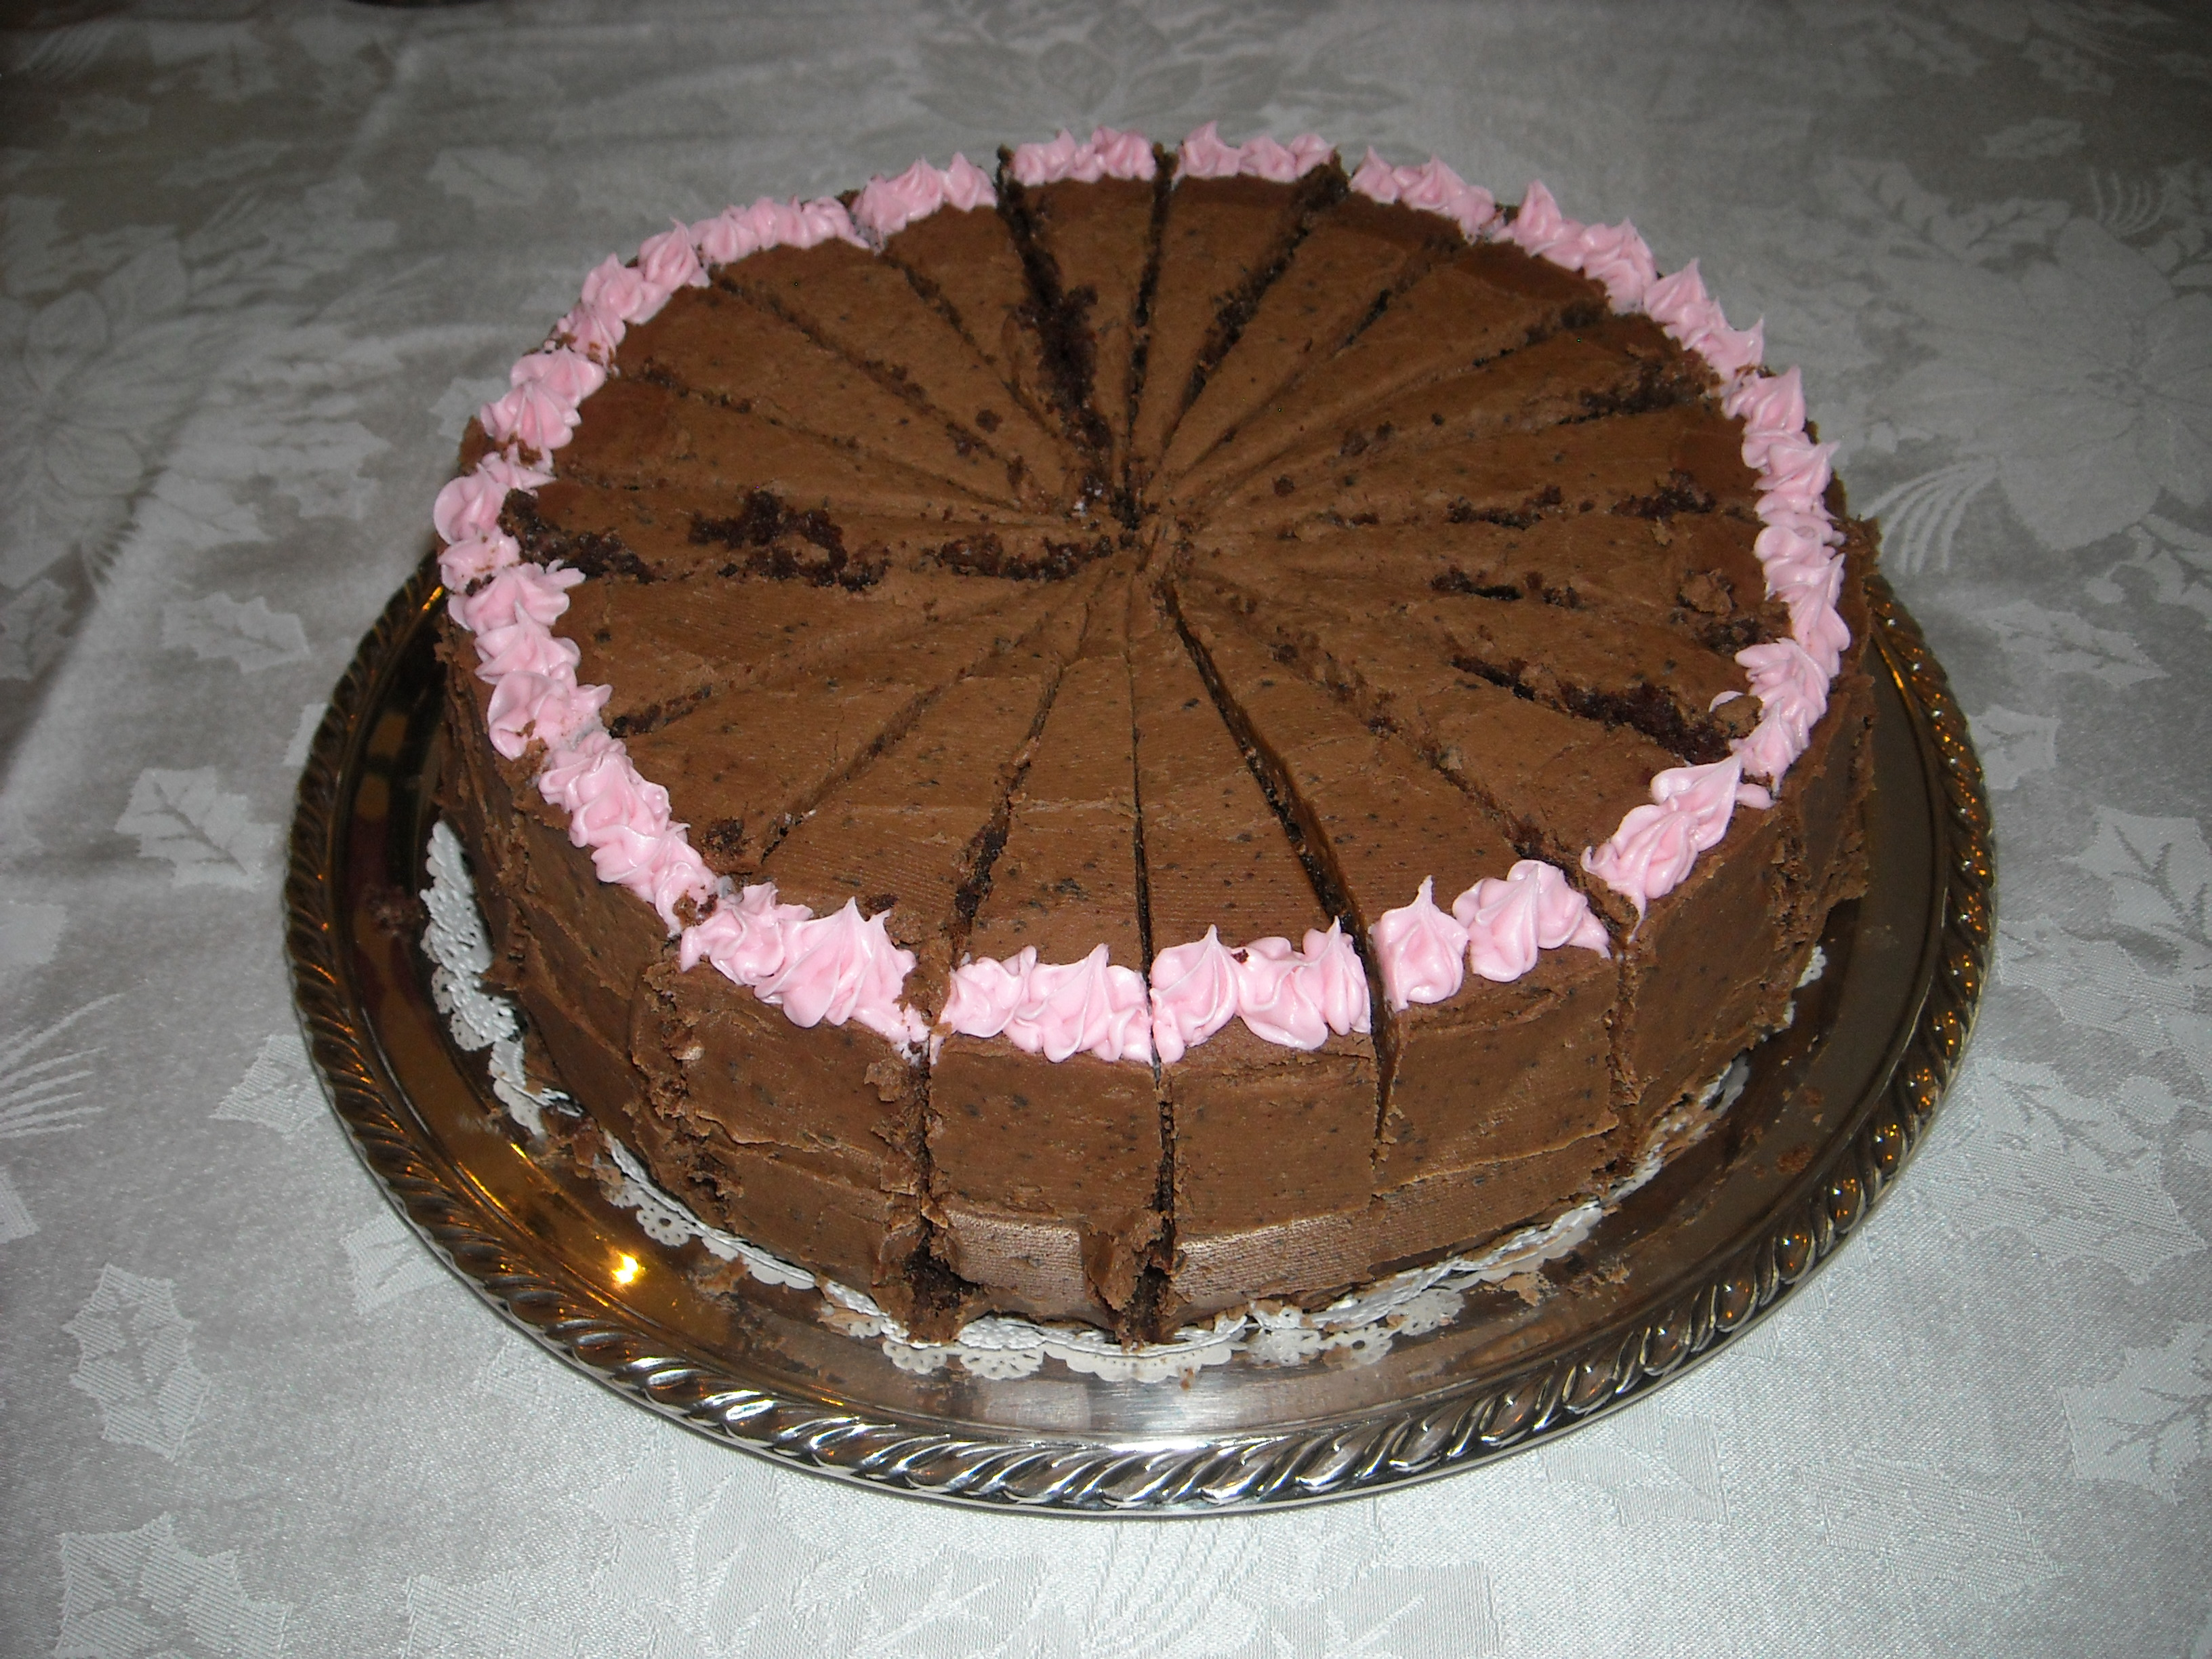 Red Velvet Cake? Chocolate Cake? Or both?